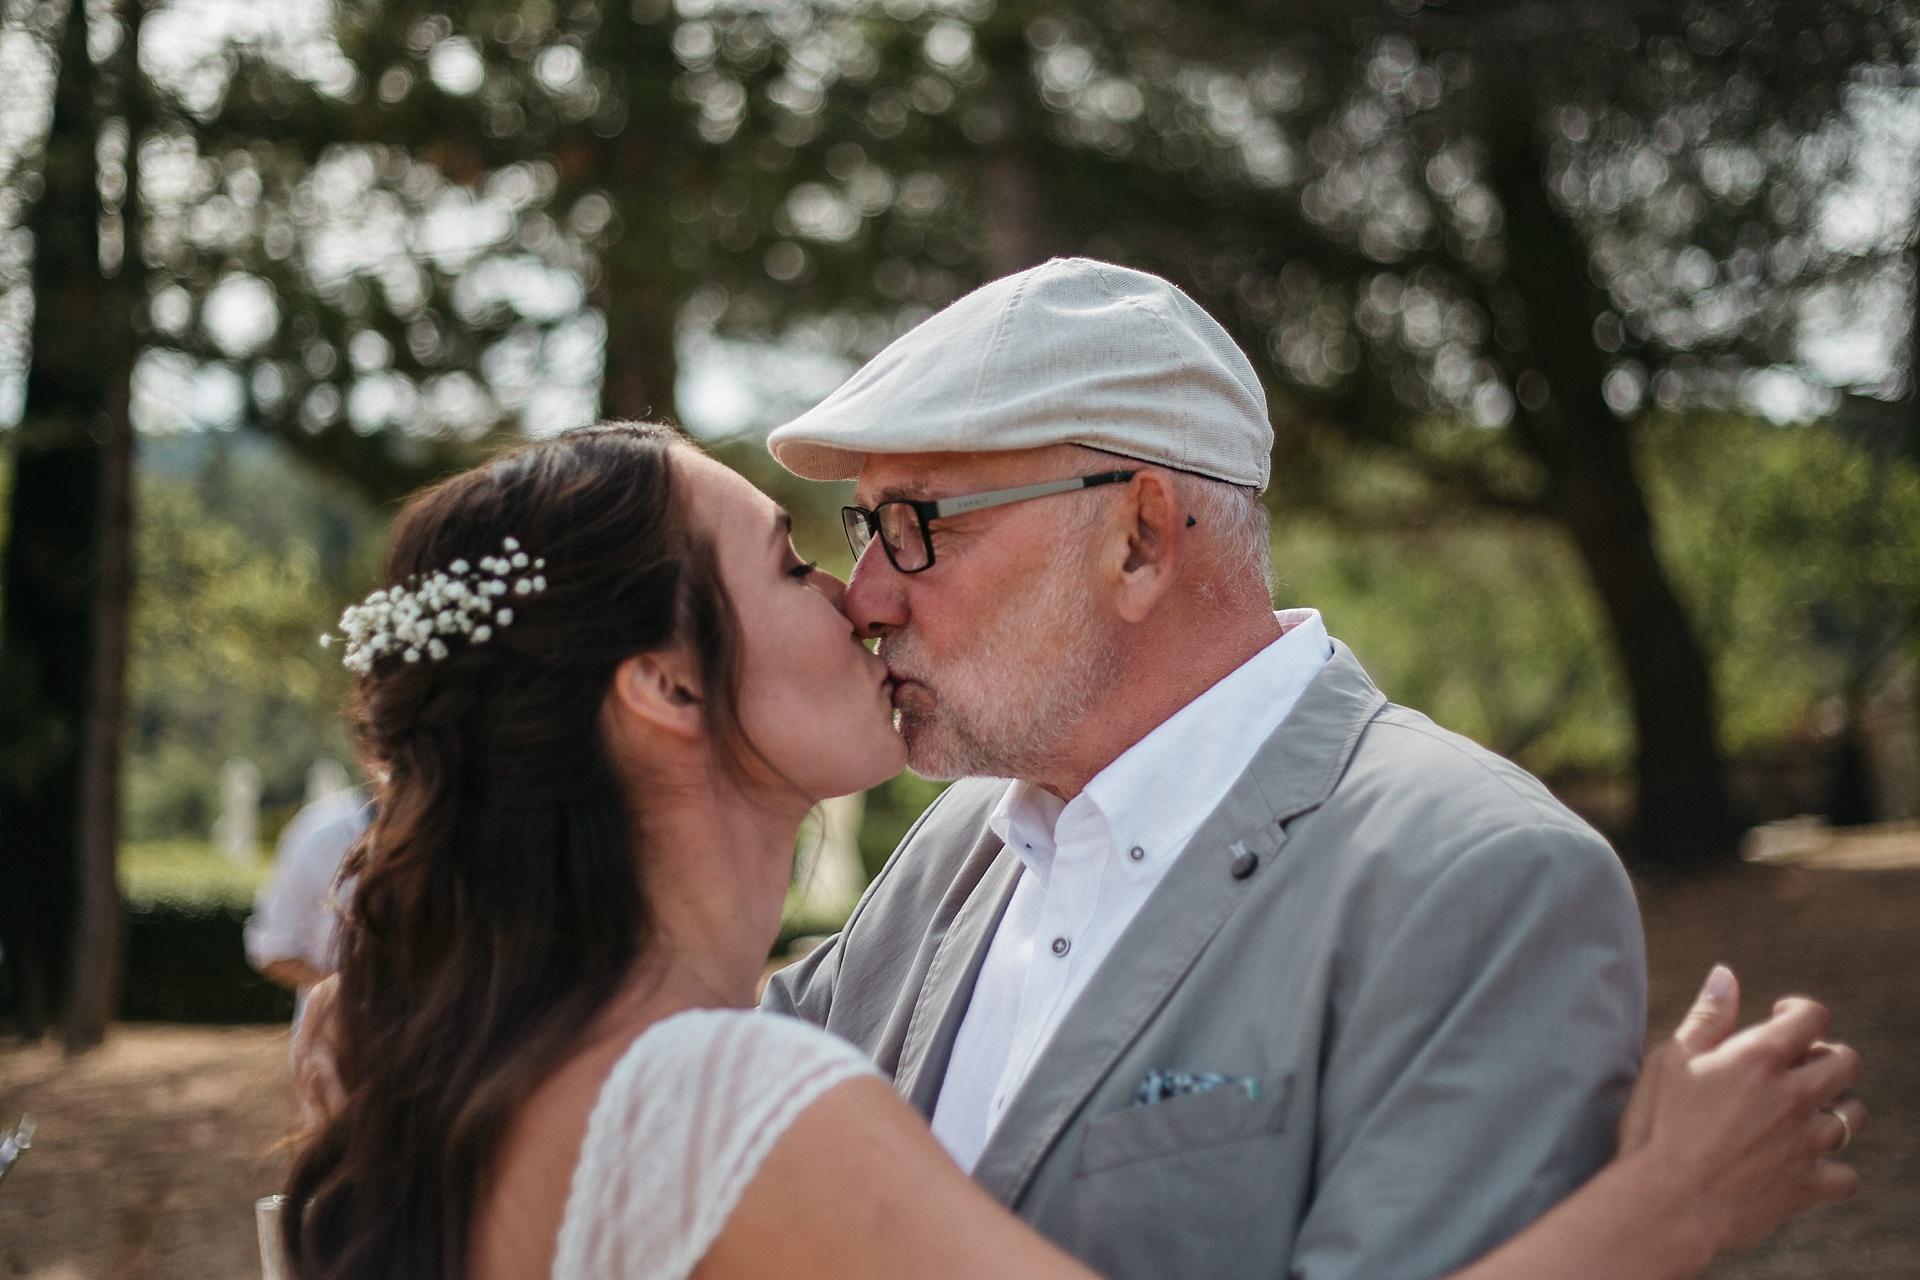 Traumhafte Hochzeit in der Provence. Der Brautvater gratuliert der Braut.